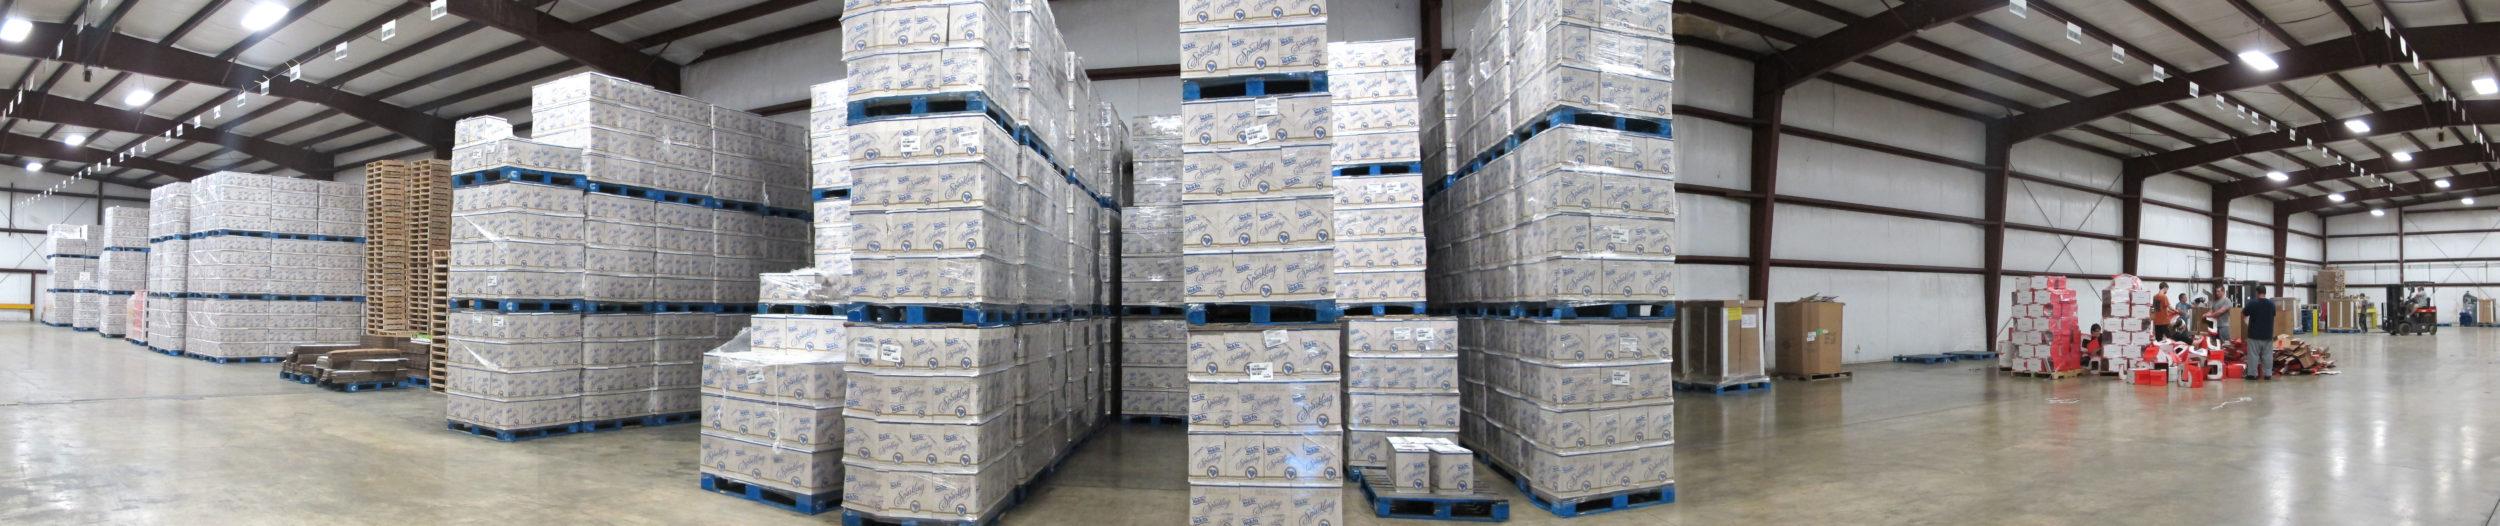 Tárolási technológiák 1. - Állványok nélküli statikus tárolás